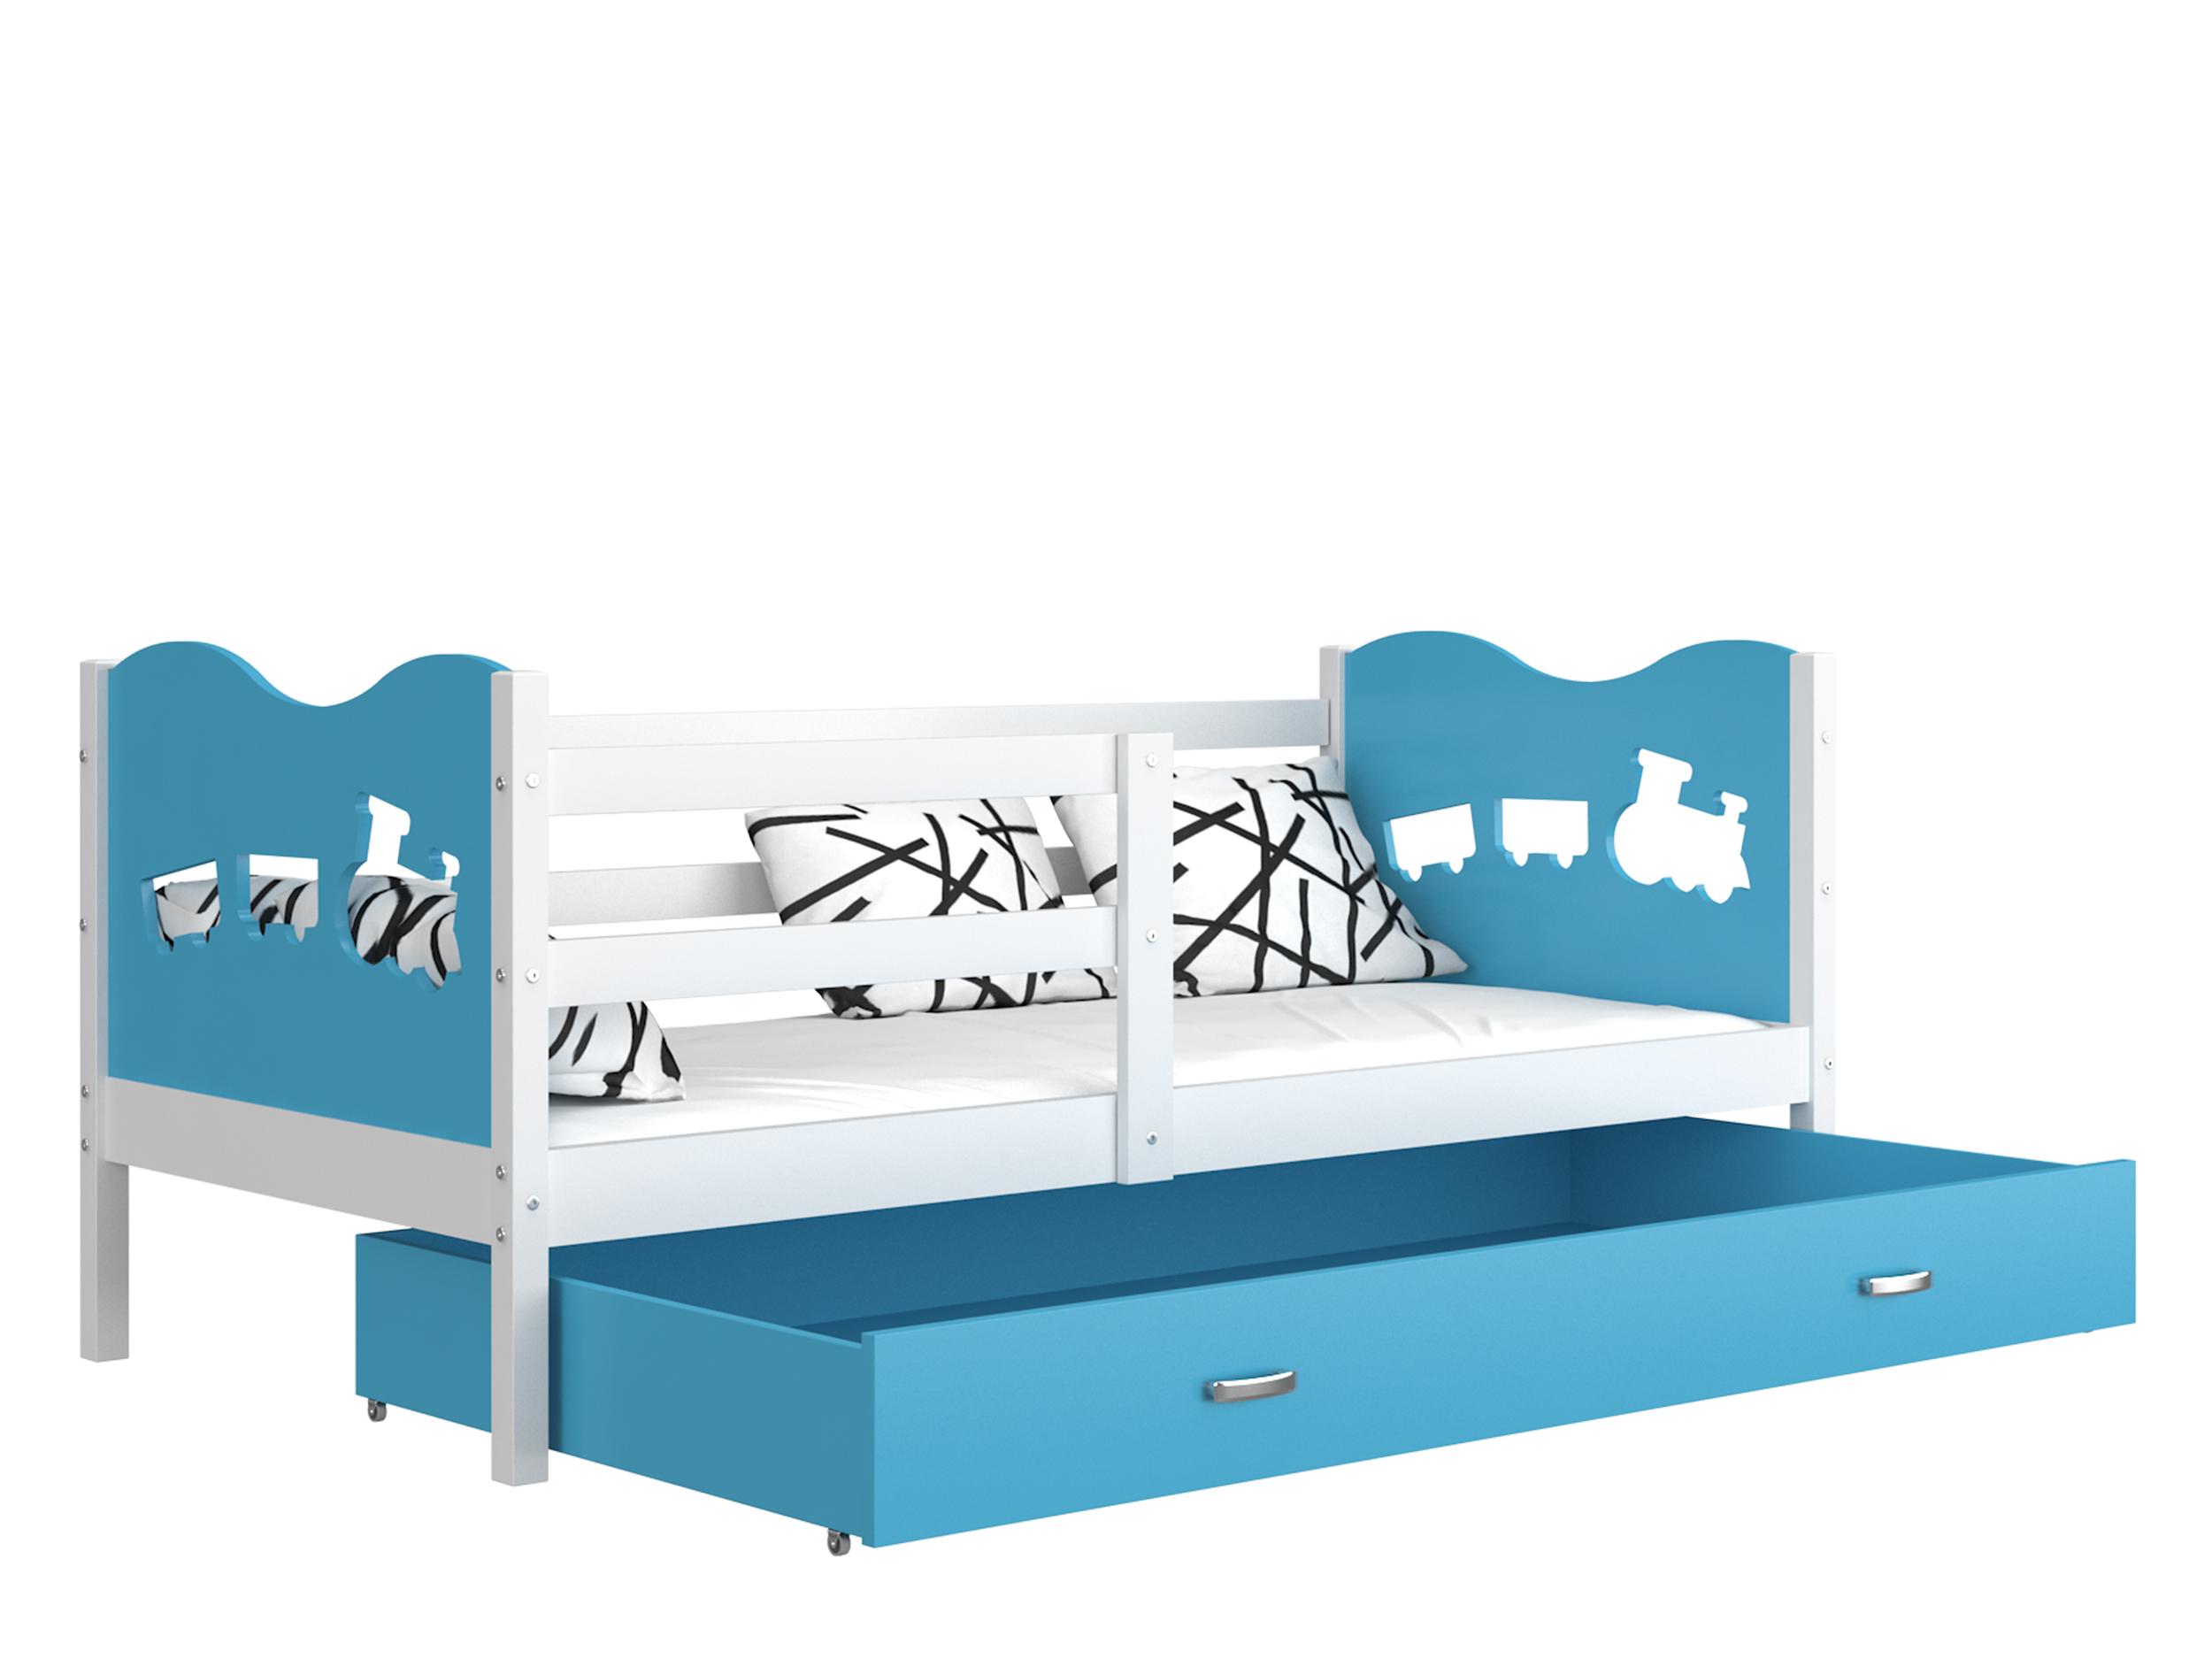 ArtAJ Detská posteľ MAX P / MDF 160 x 80 cm Farba: biela / modrá 160 x 80 cm, s matracom